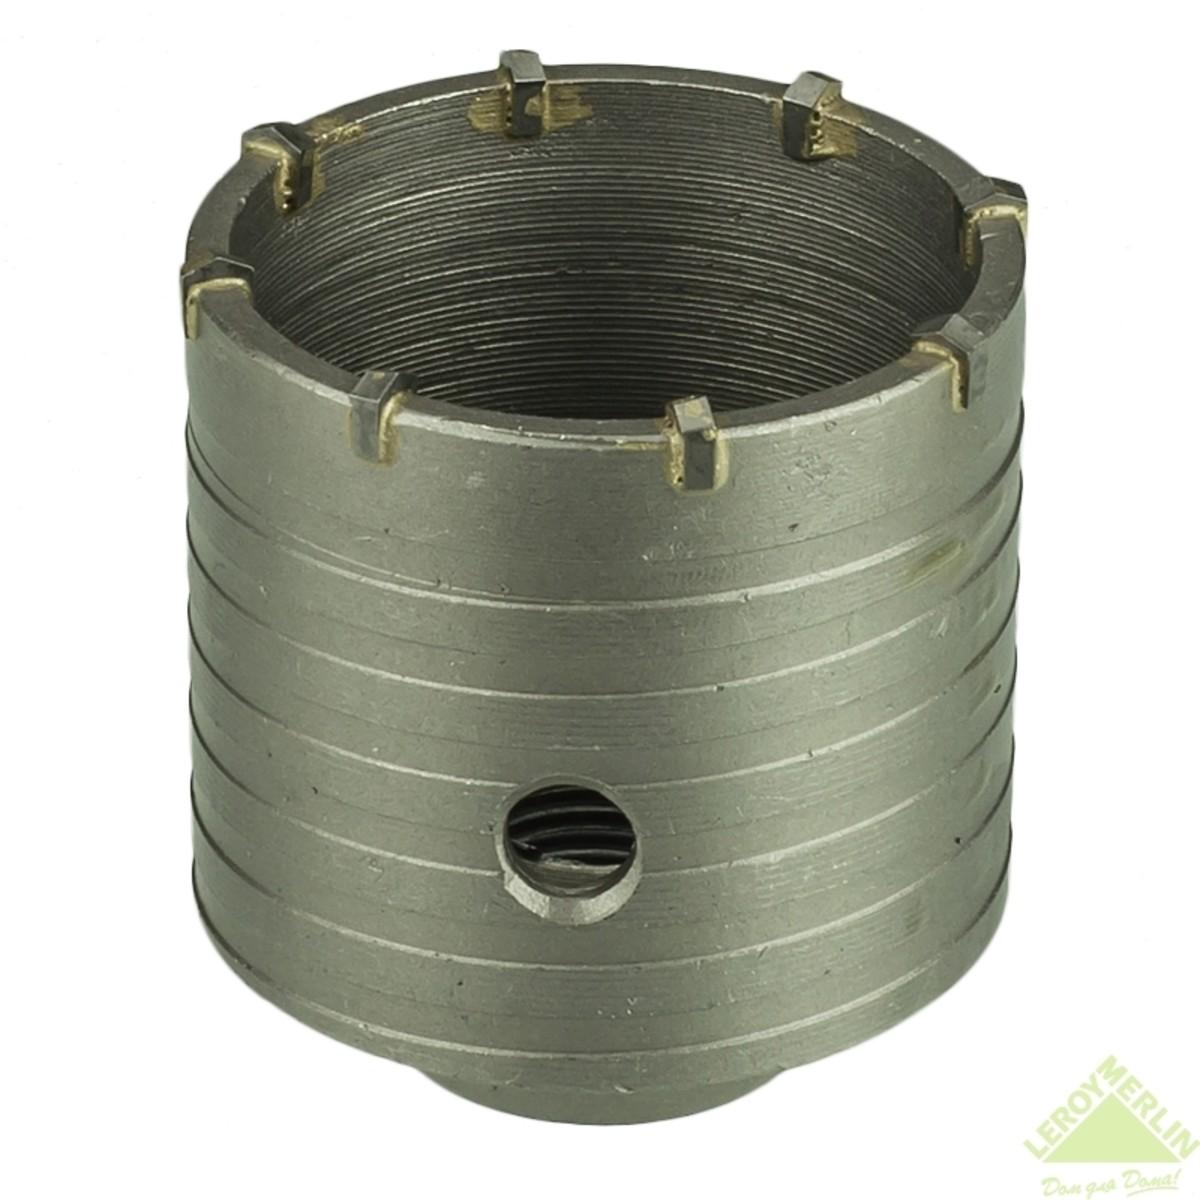 Купить коронку по бетону 68 мм в спб бетон дон ростов